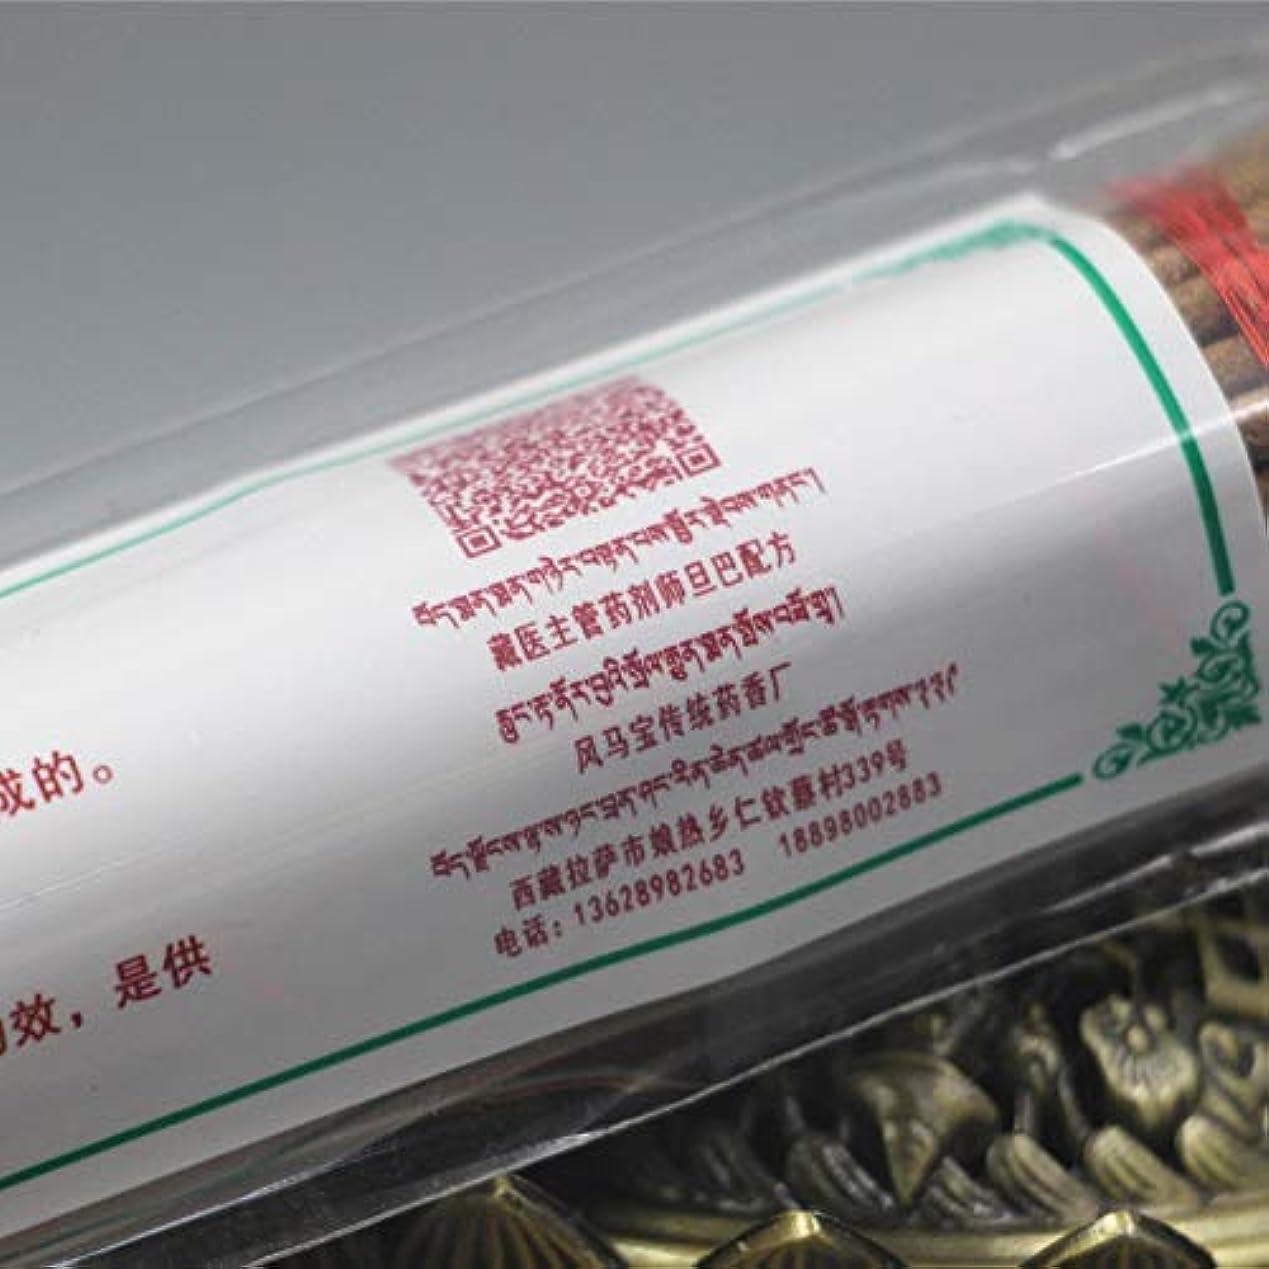 バルーンエクスタシーファーザーファージュDiatems - 沈香の宝物チベットのお香チベット手作りの純粋な植物自然医学の香りの家の38人のフレーバーがスリープアロマ香の助けを落ち着かせます